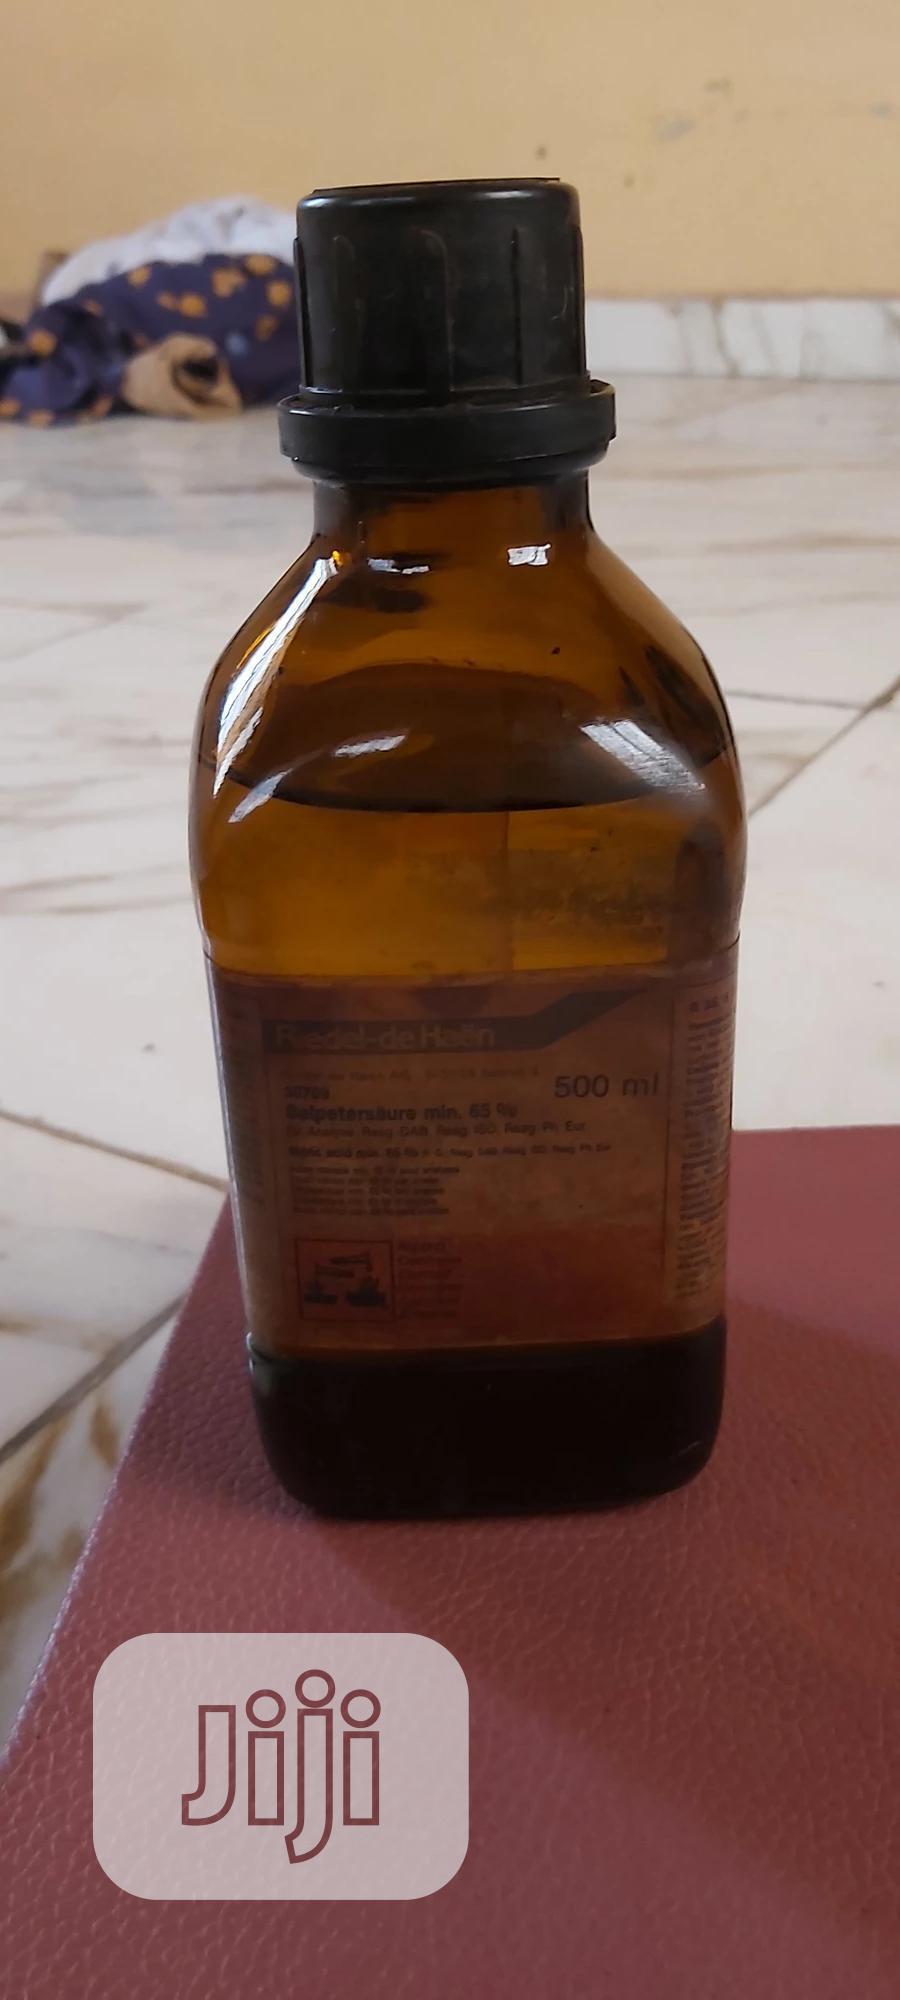 Conc. Nitric ACID